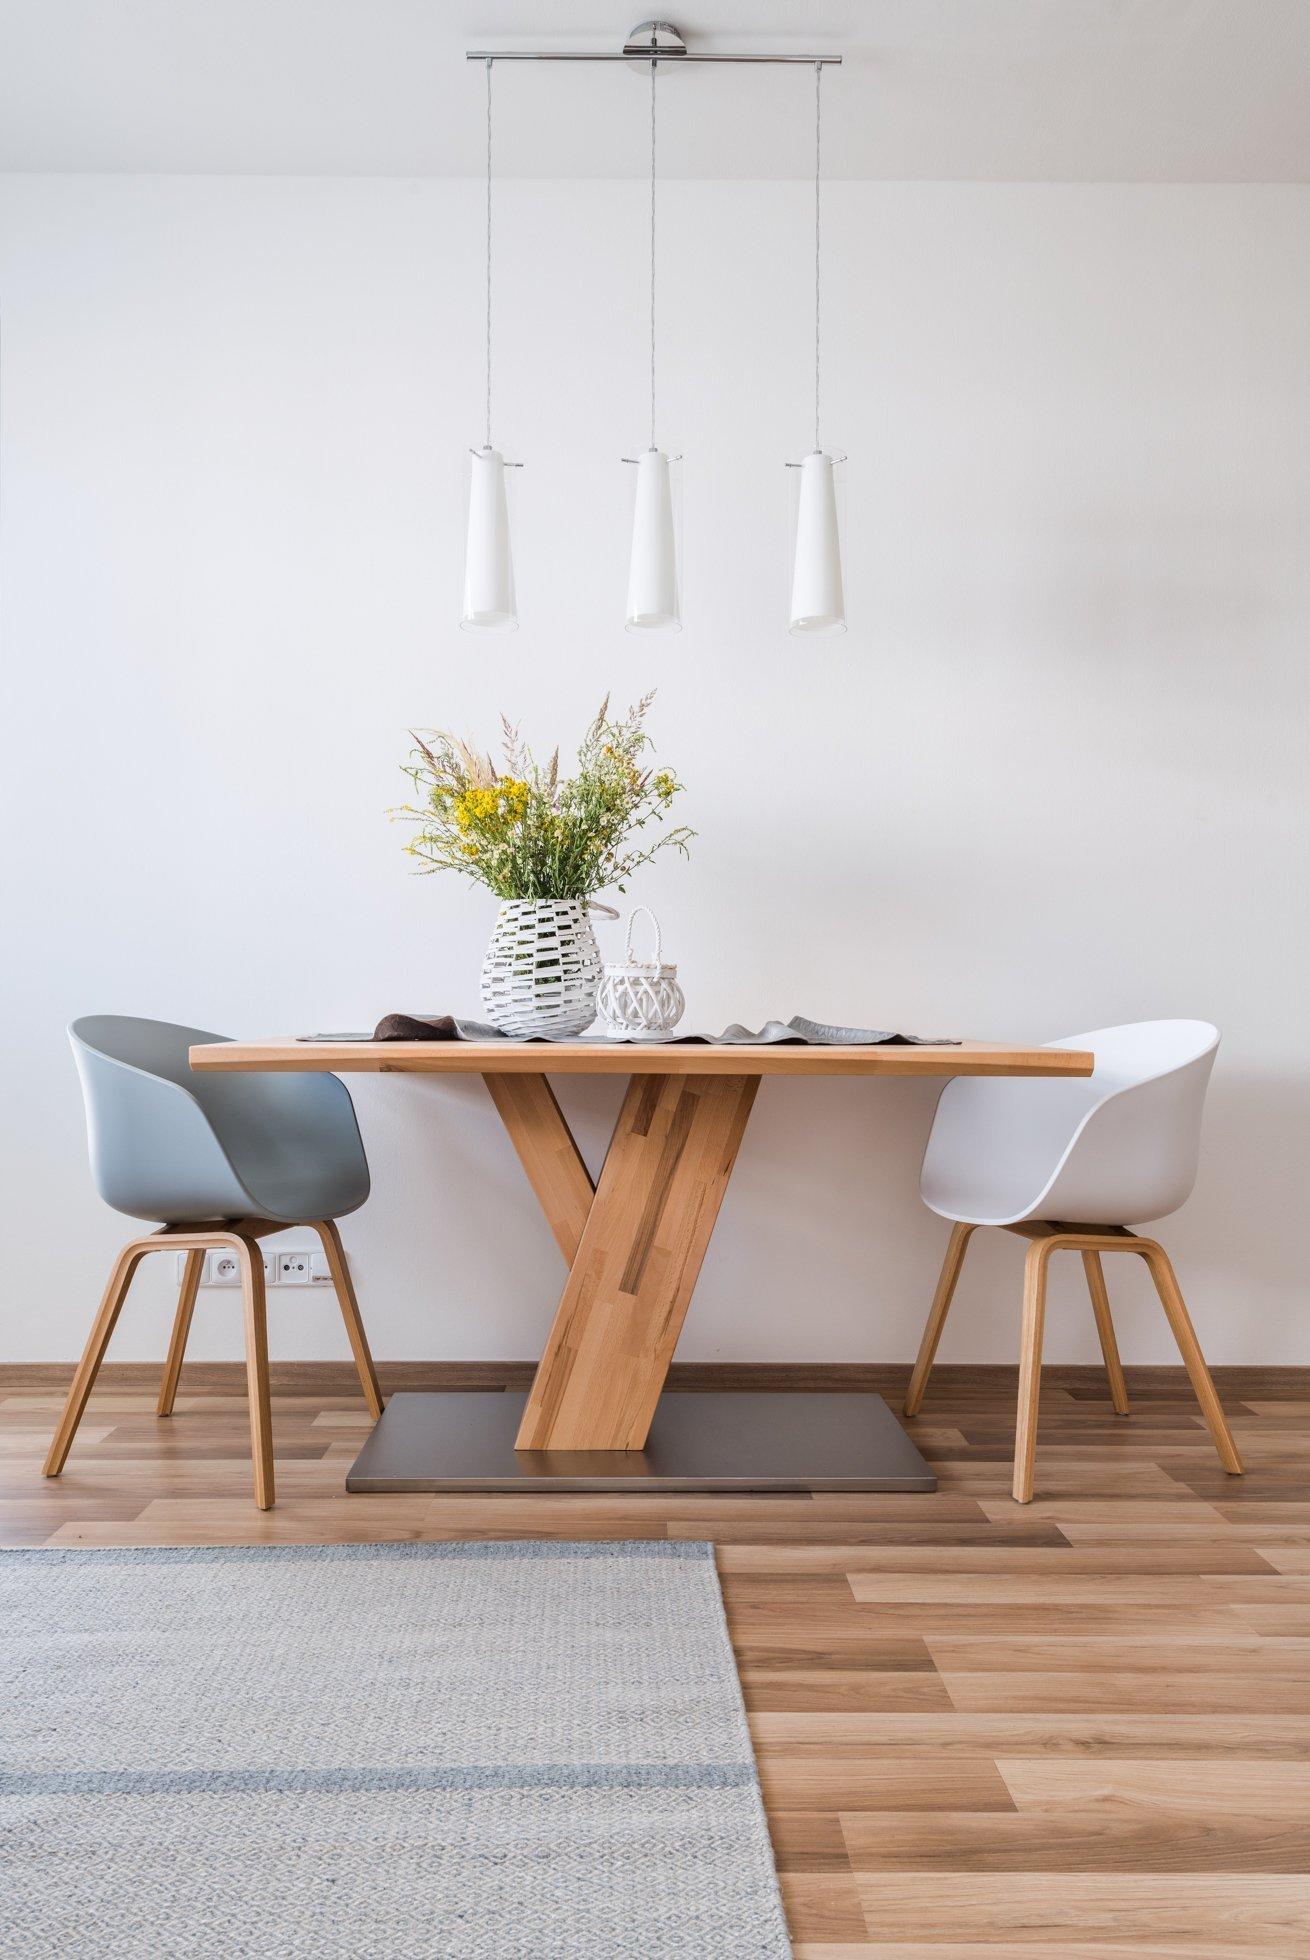 Interiér menšího bytu pro mladý pár je zařízen funkčně a jednoduše, s ohledem na úložné prostory.